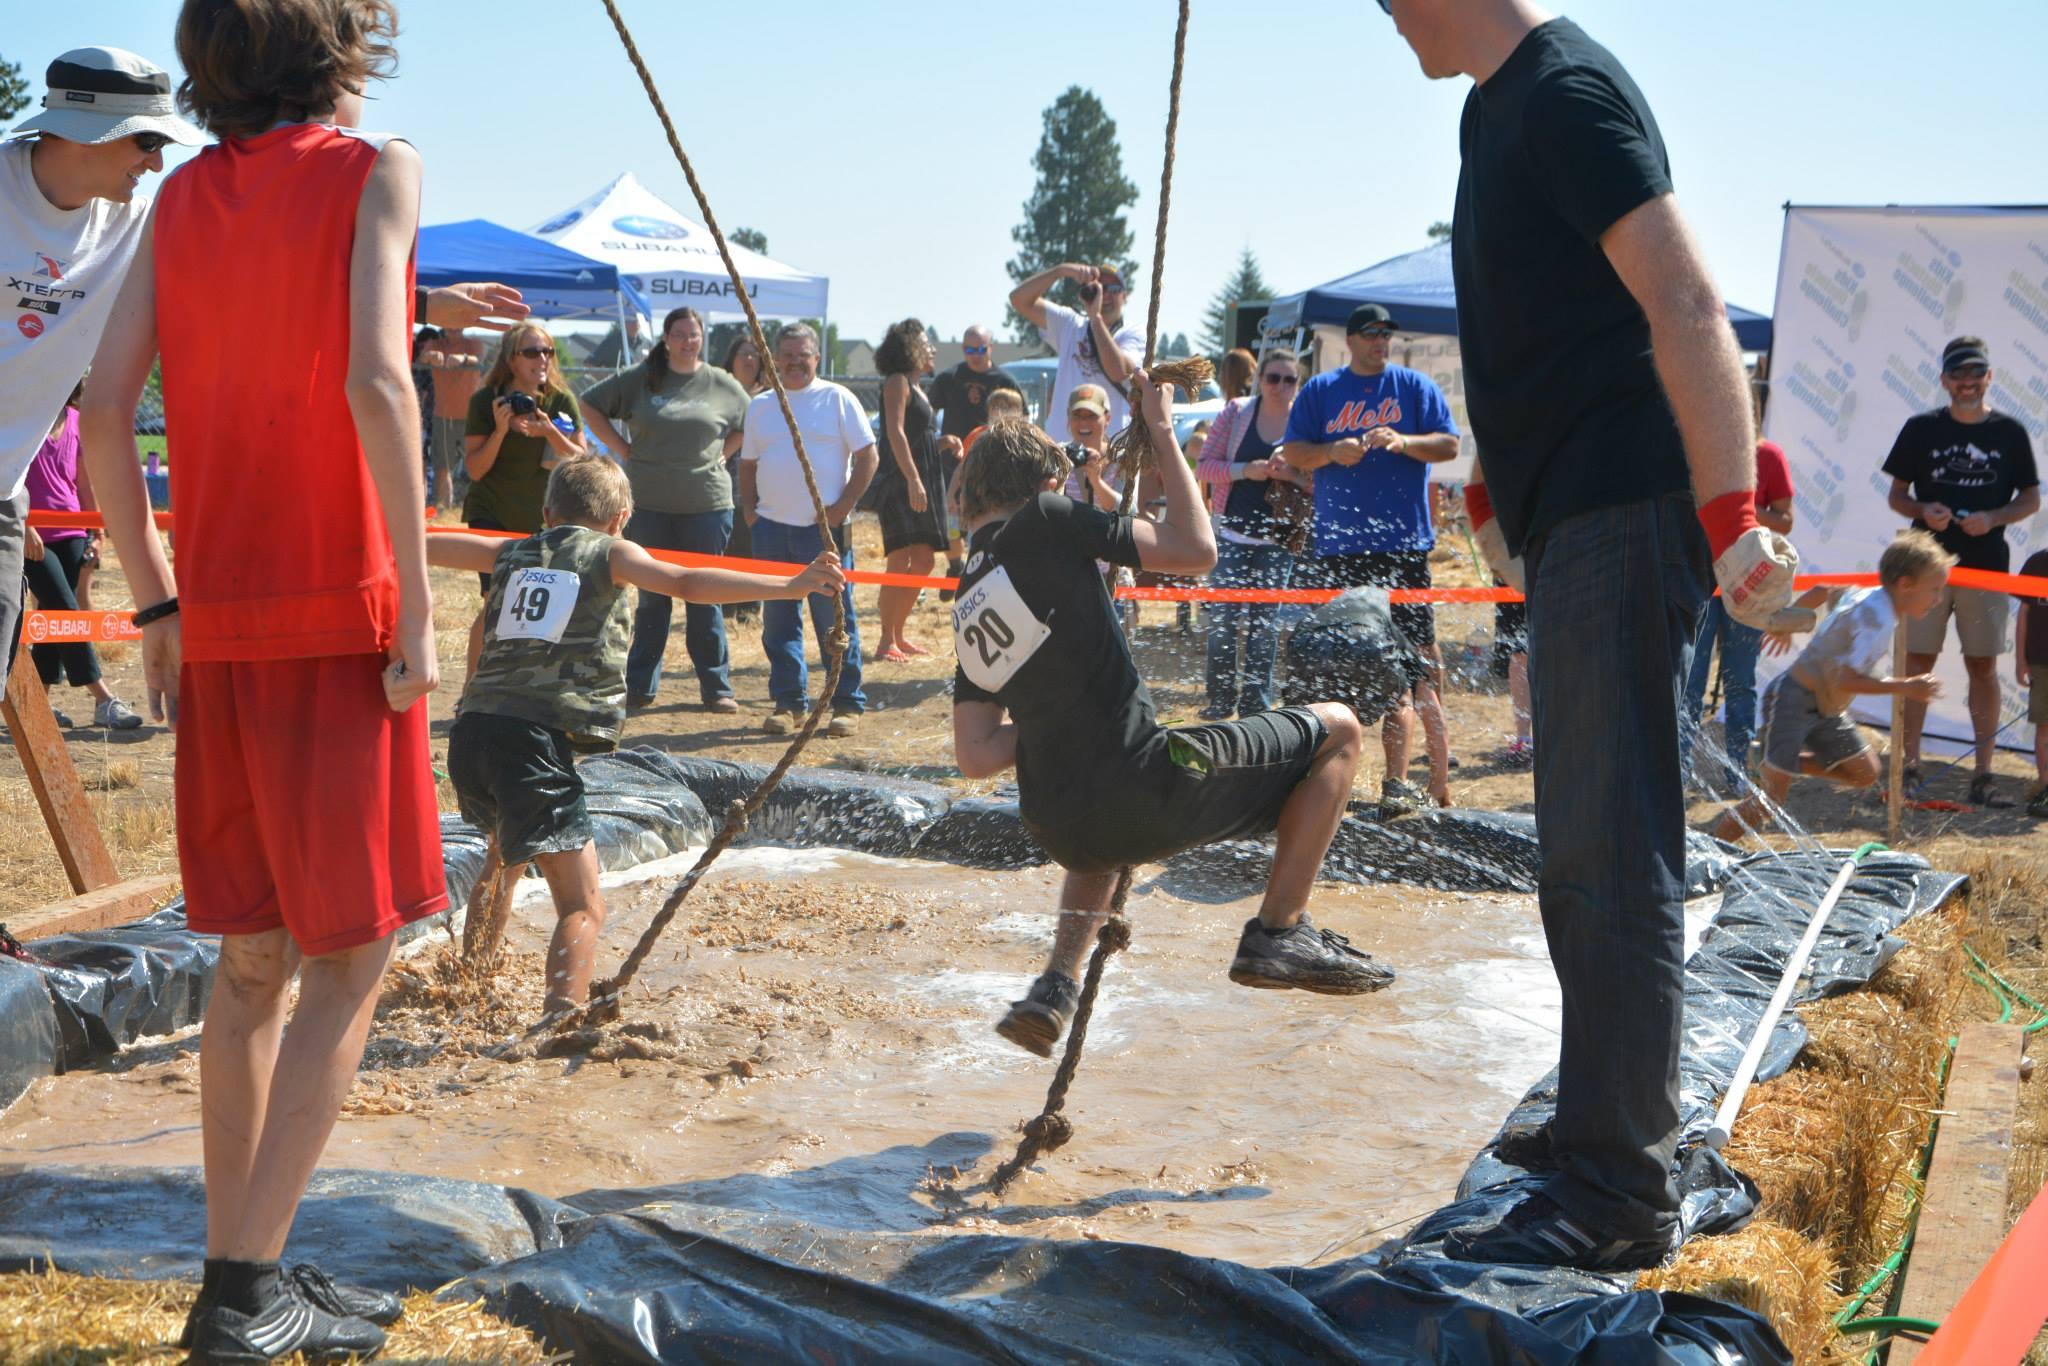 Rope Swing Subaru Kids Obstacle Challenge